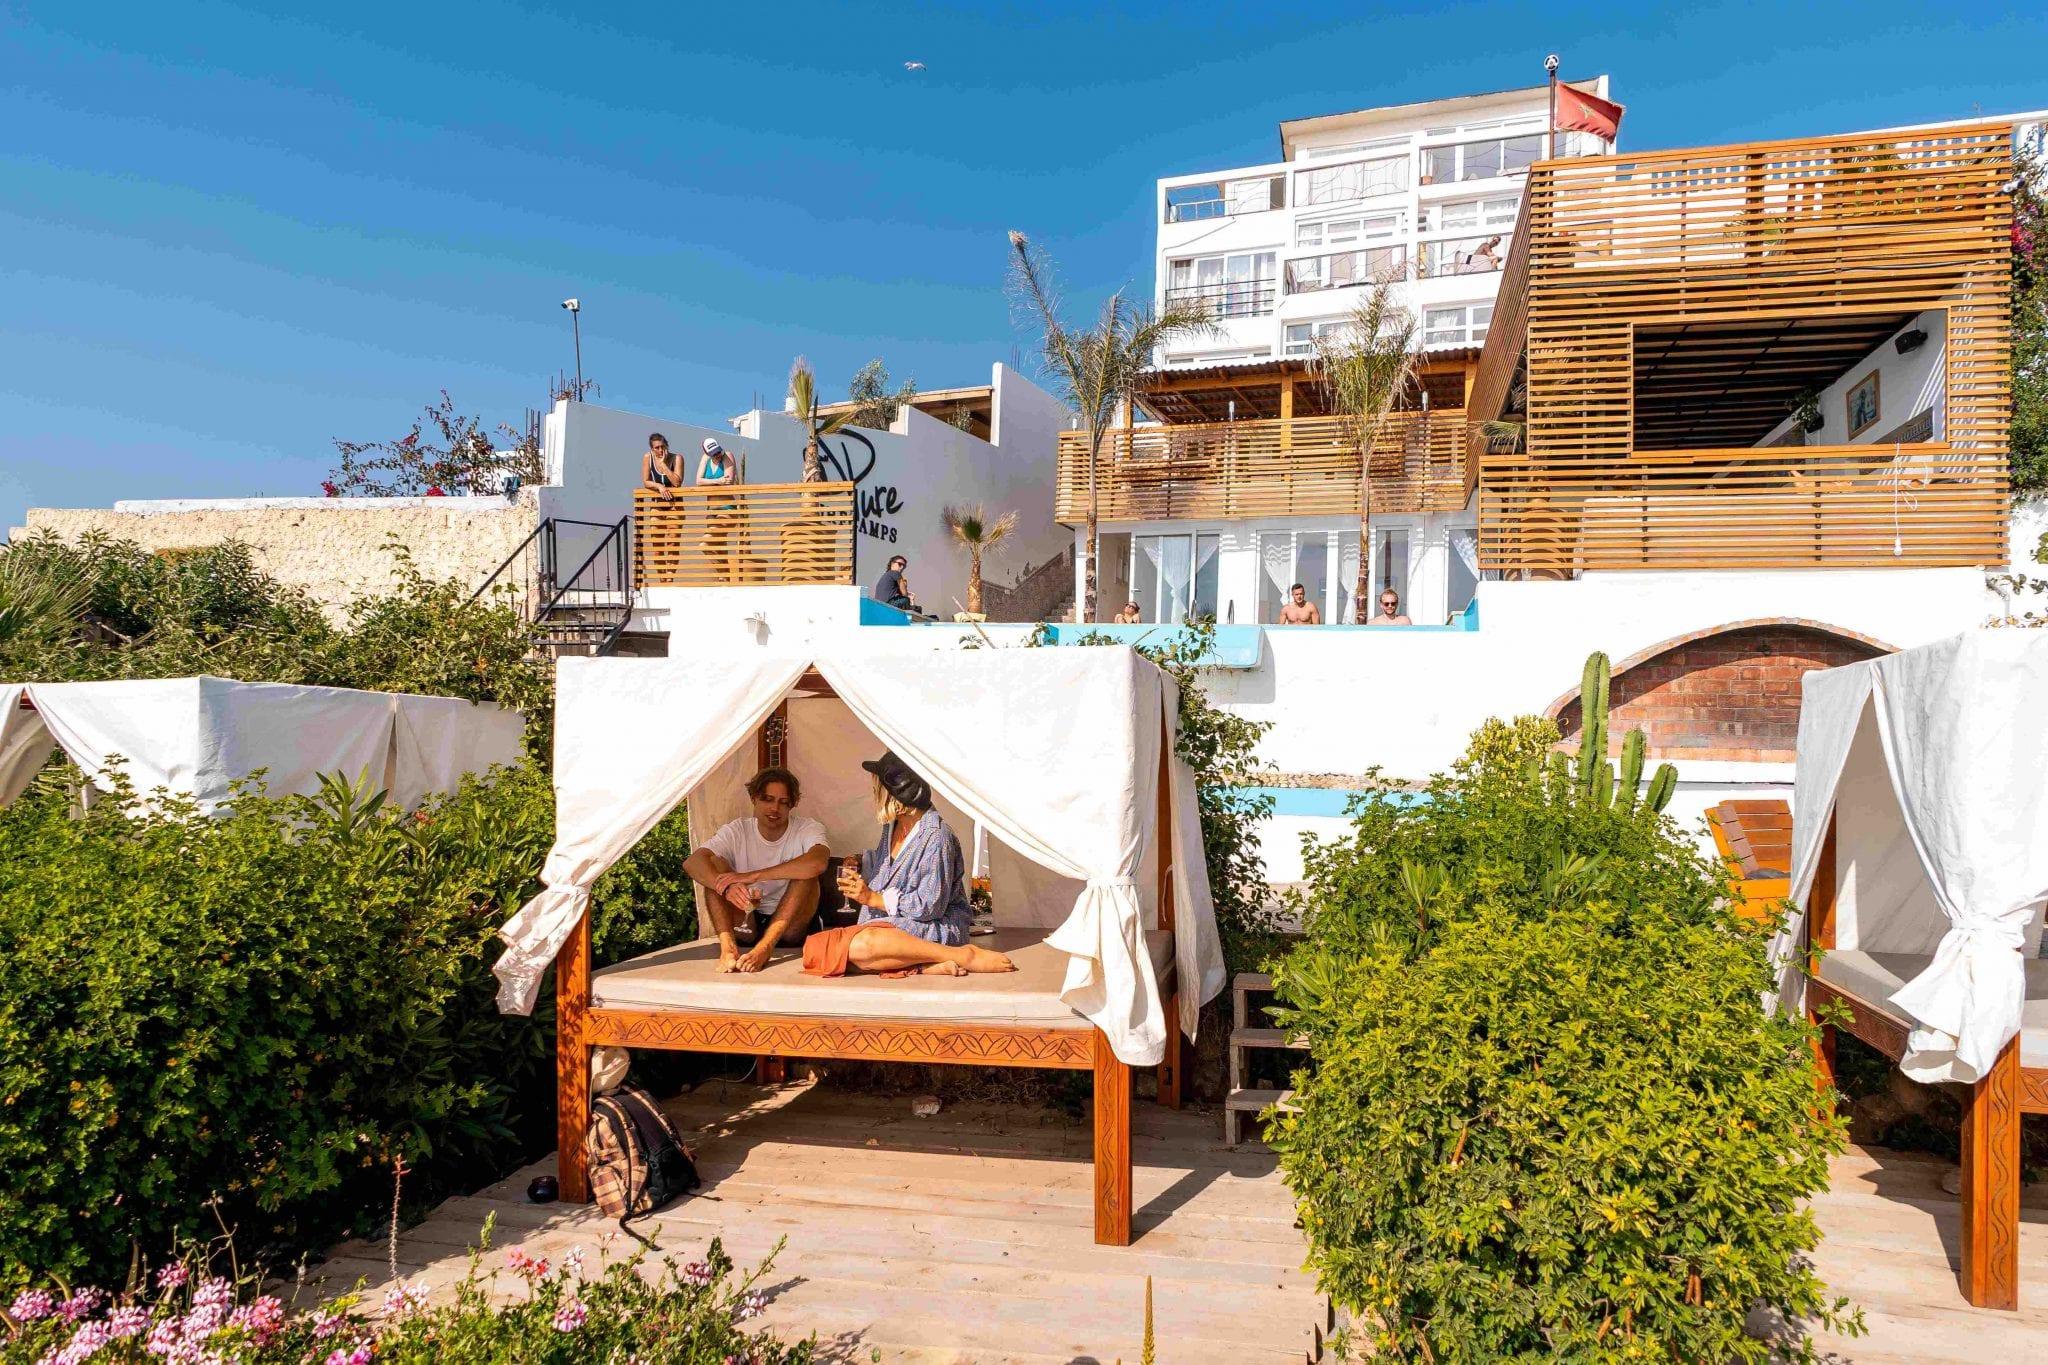 Puresurfcamps_Marokko_Surfcamp_Liegewiesedraußen